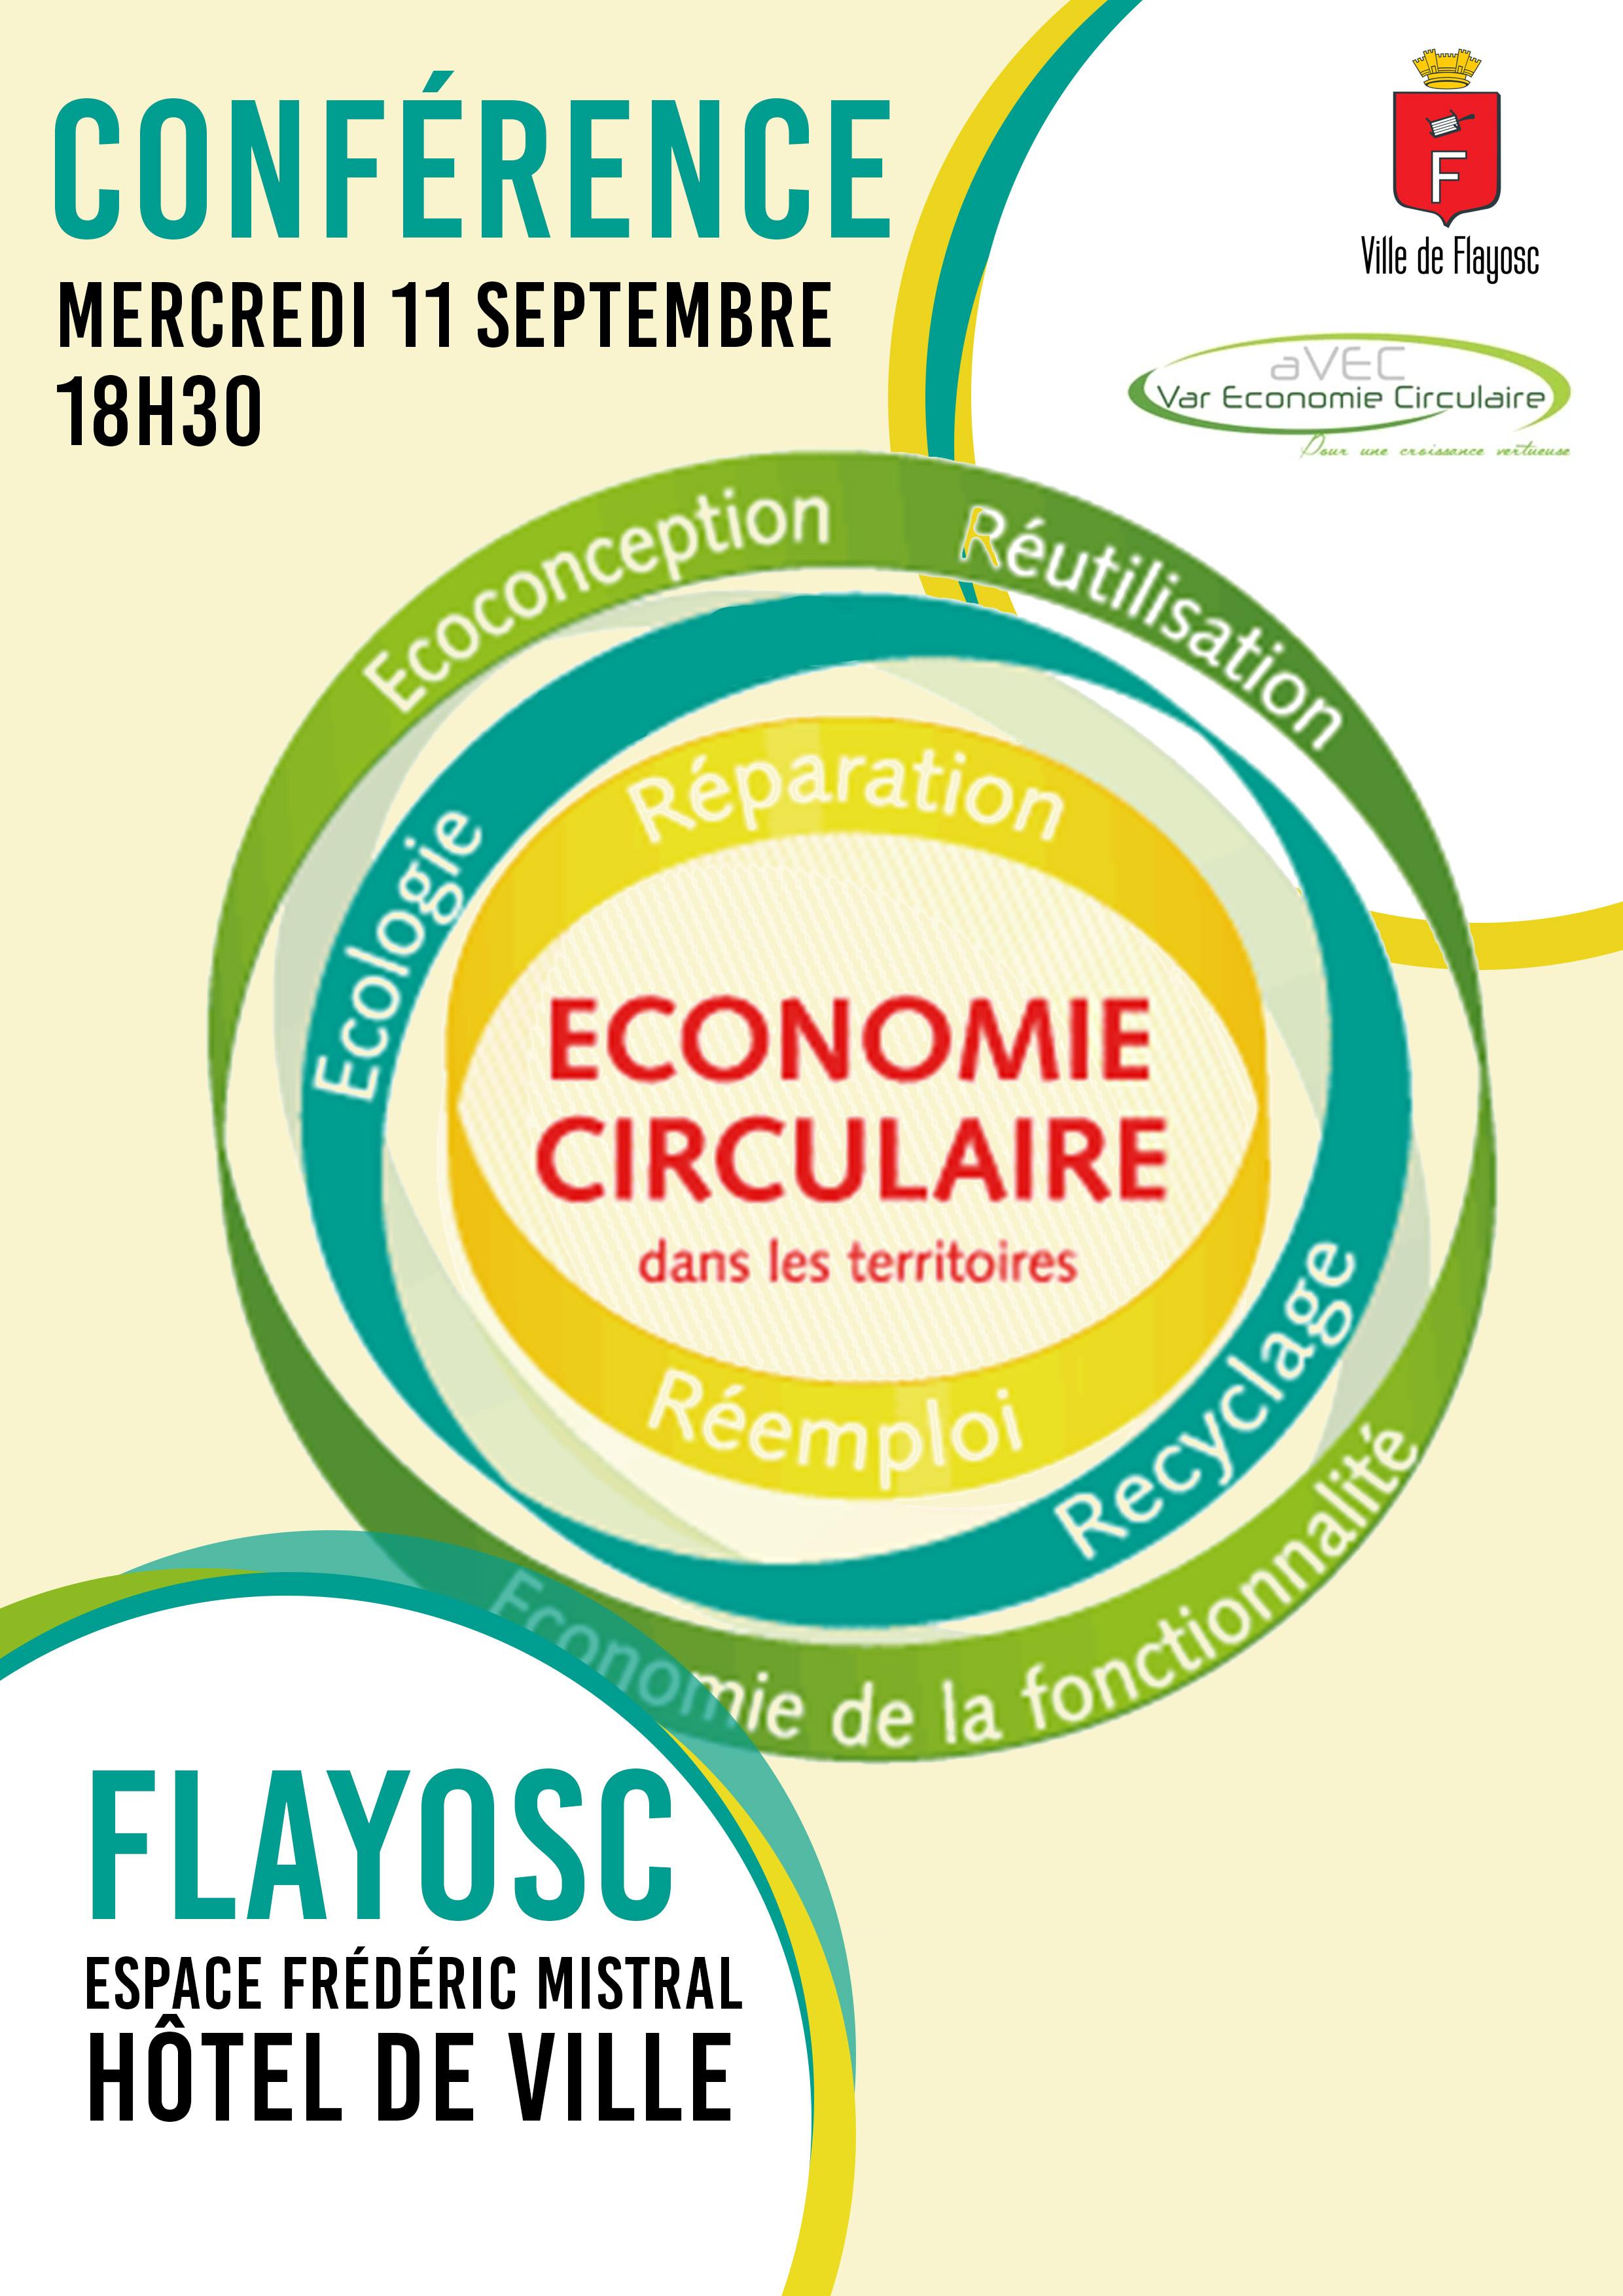 Conférence économie circulaire